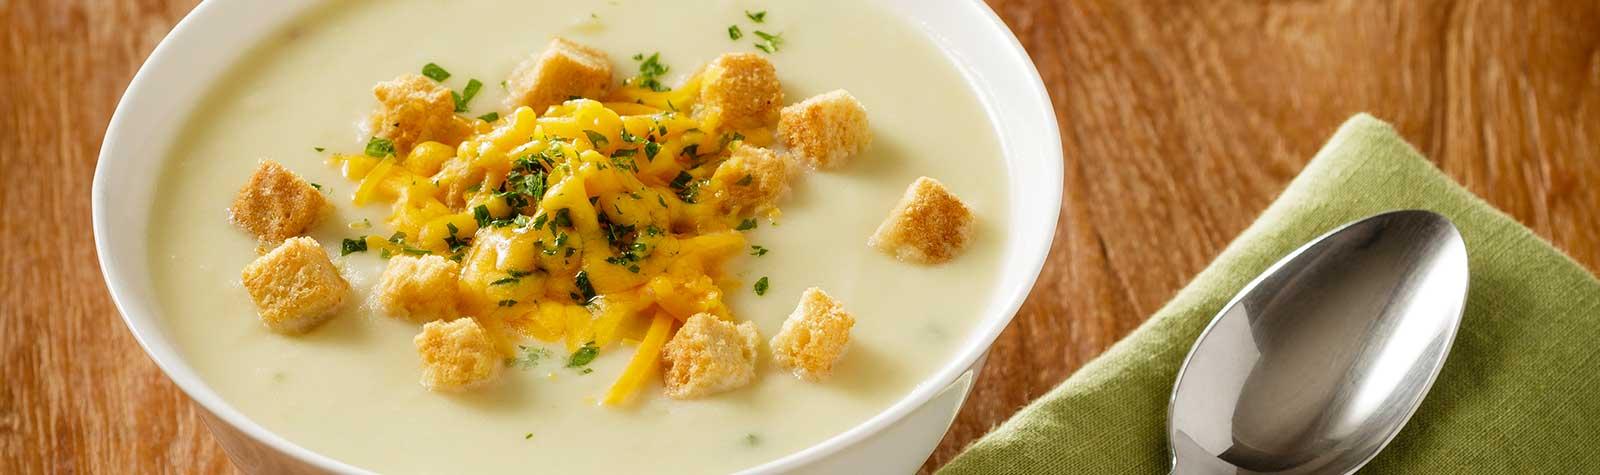 Potato-Cheddar Ale Soup